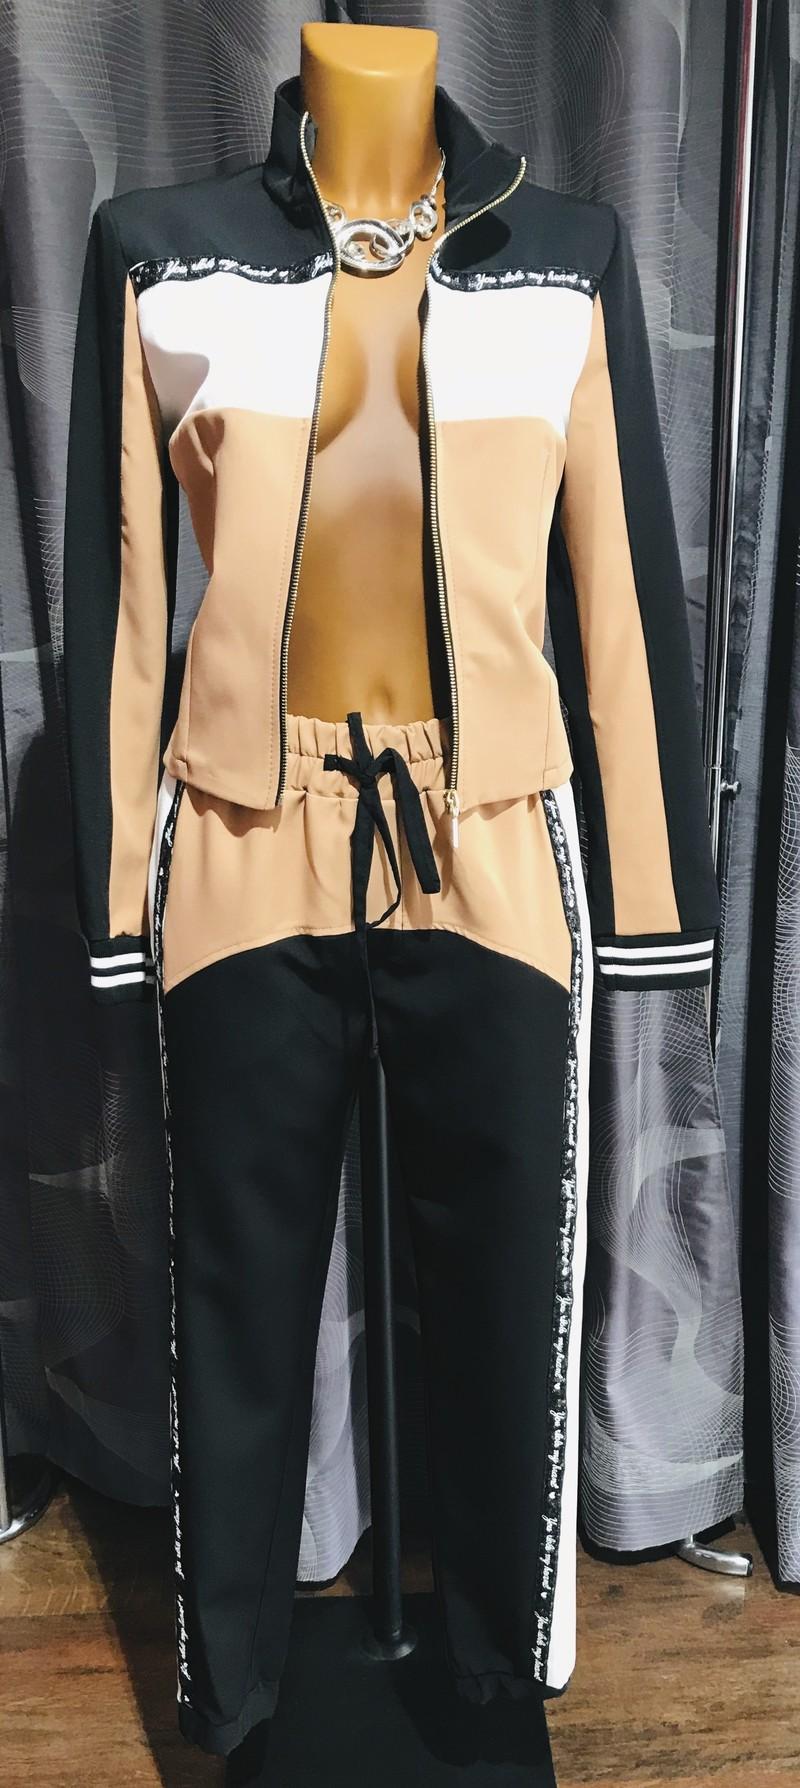 ensemble sportwear chic rinascimento (veste) - veste - VOTRE BOUTIQUE - Voir en grand